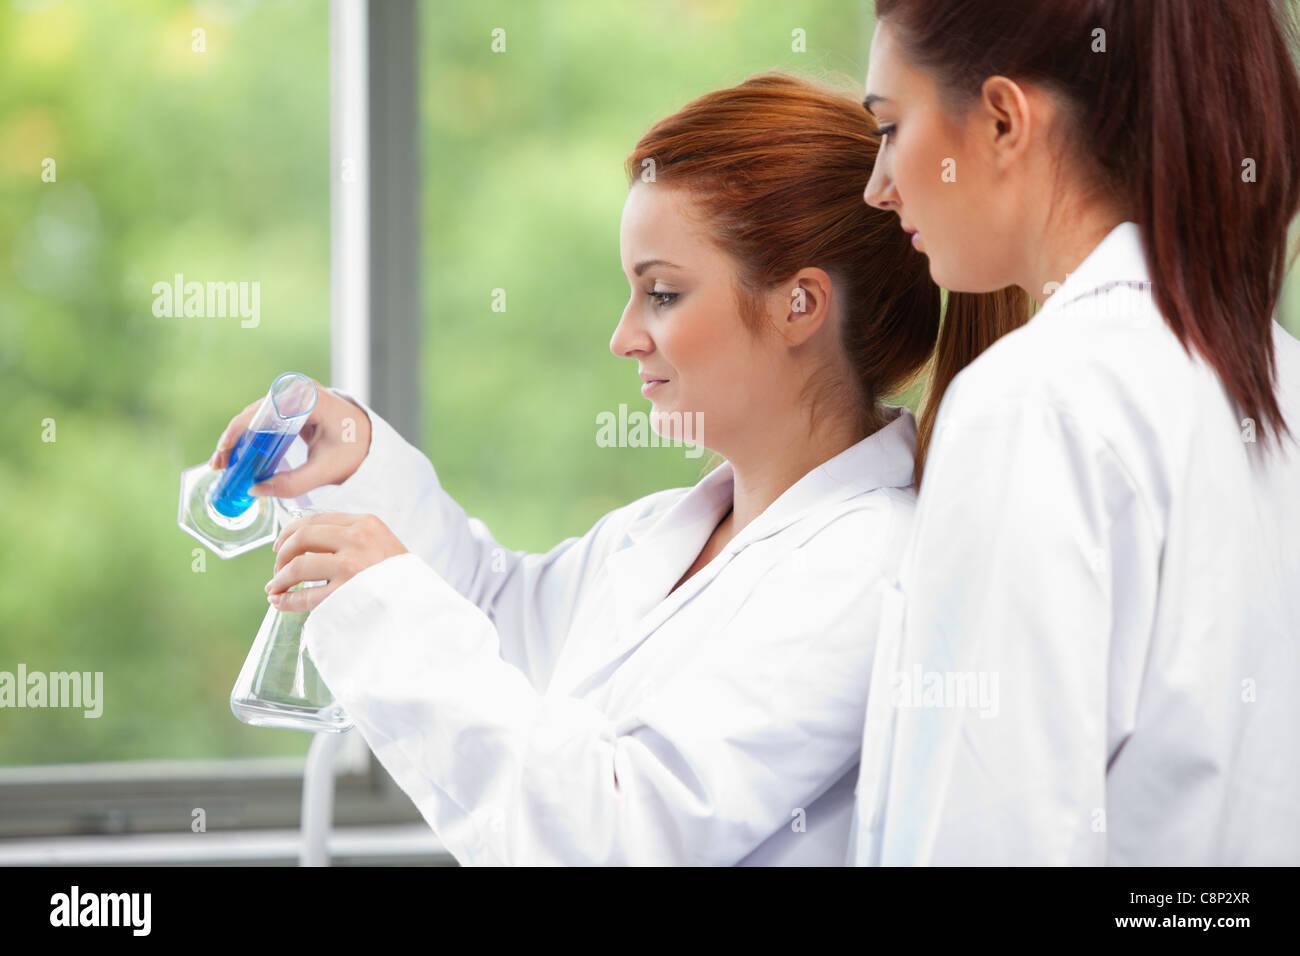 Junge Wissenschaftler, die Flüssigkeit in einen Erlenmeyerkolben gießen Stockbild